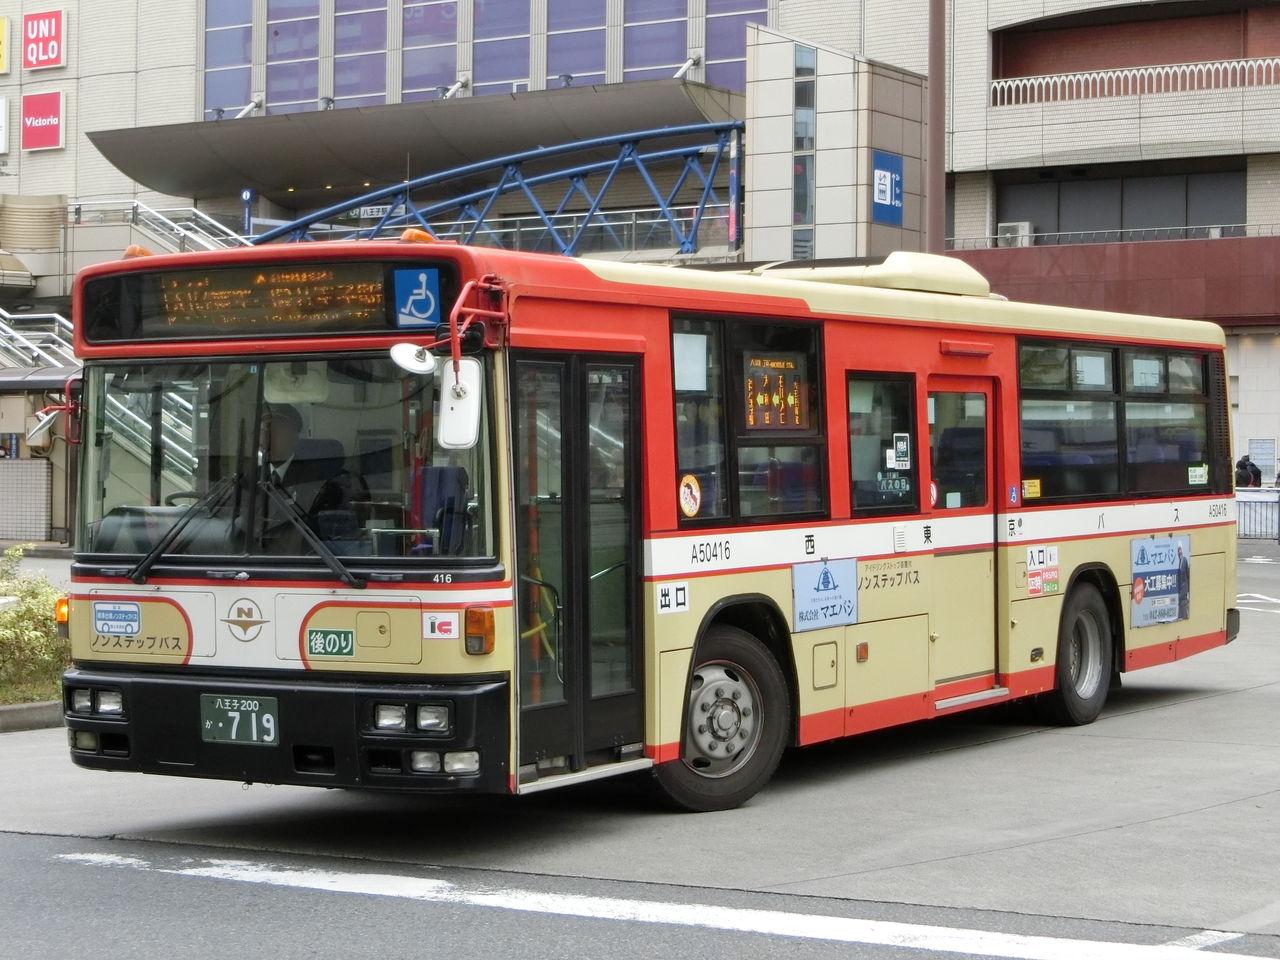 西東京バス A50416 : うみしばう...